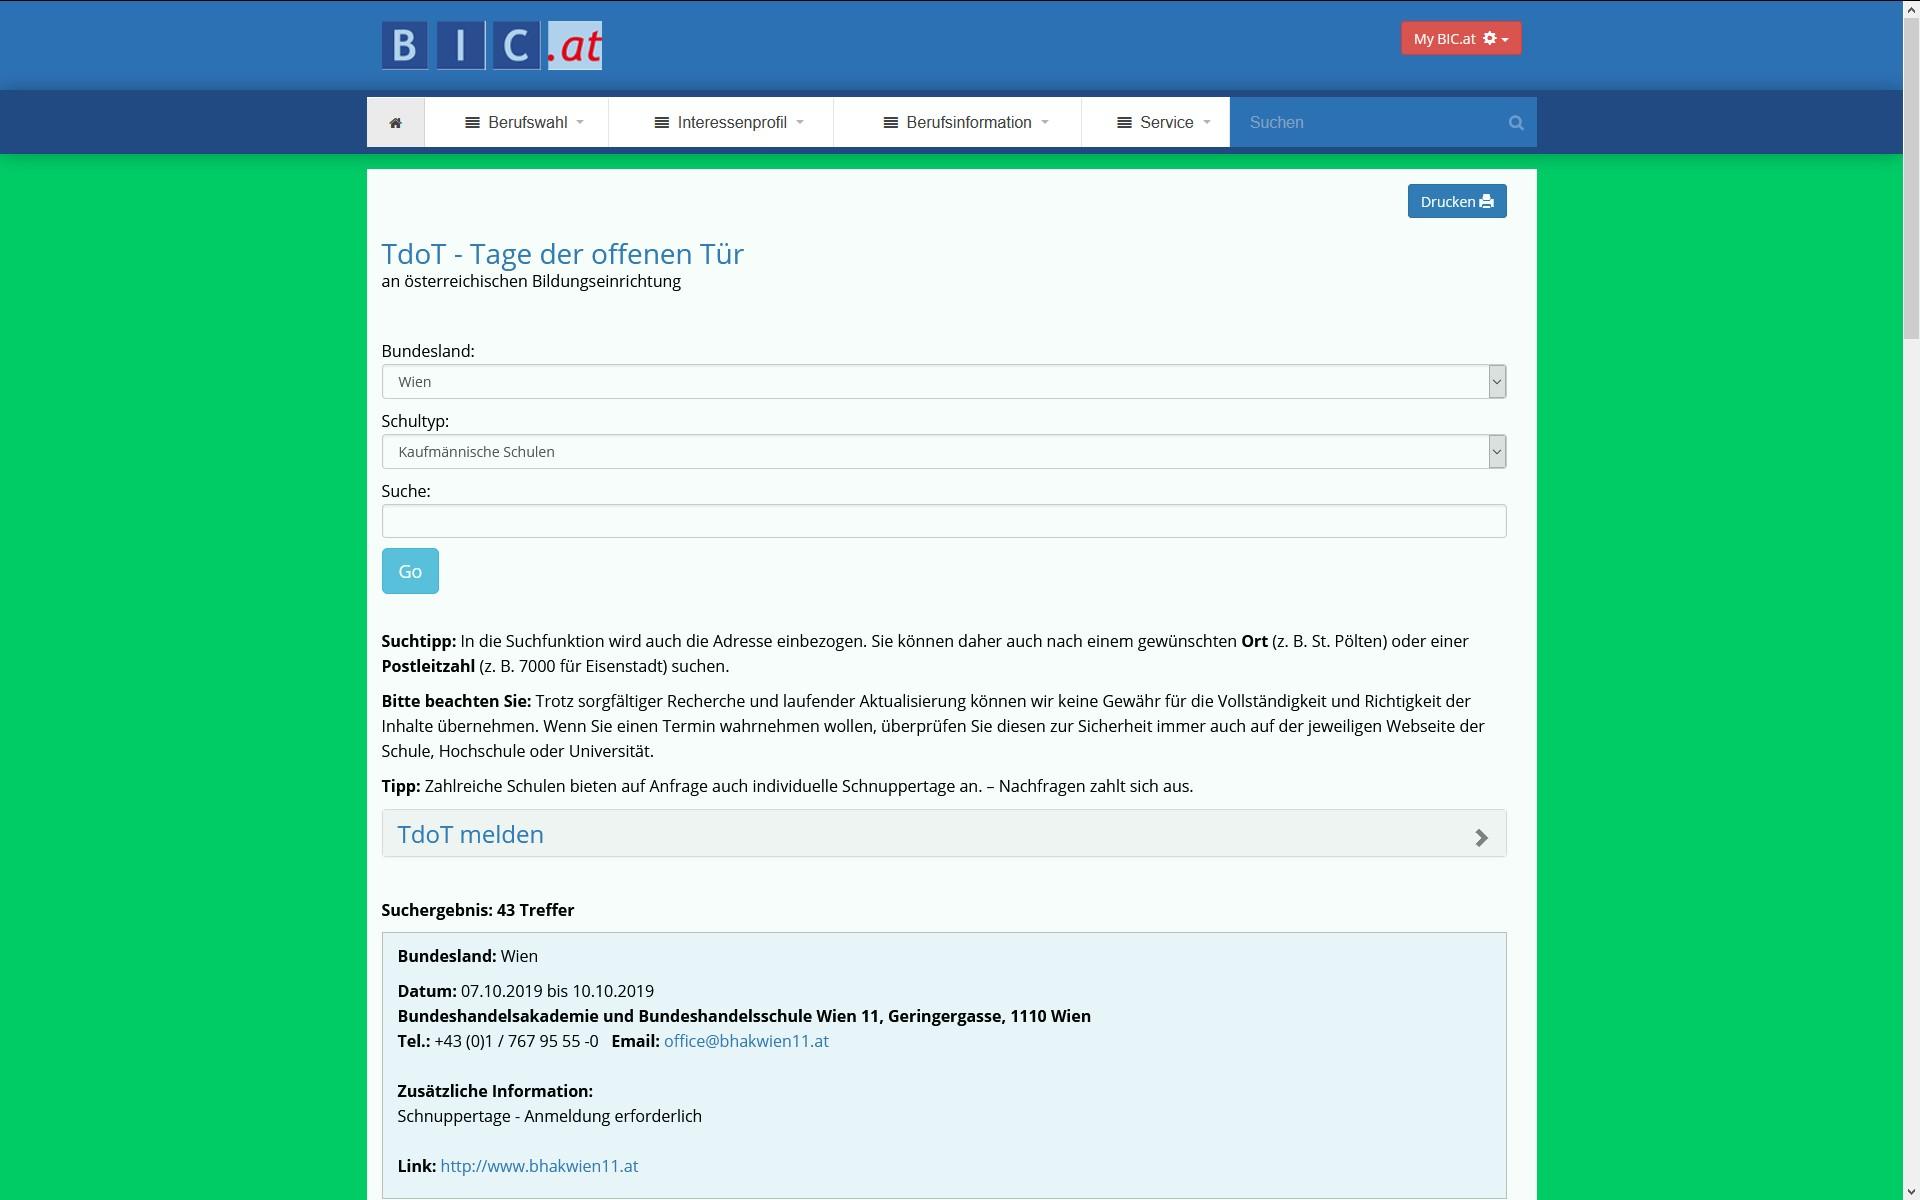 Screenschot BIC.at Tage der offenen Tür